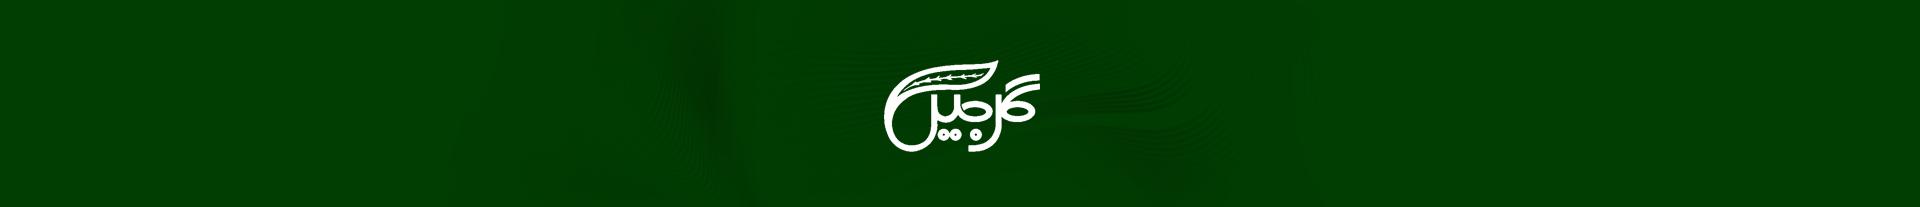 عطاری و فروشگاه آنلاین گیاهان دارویی گل جیل